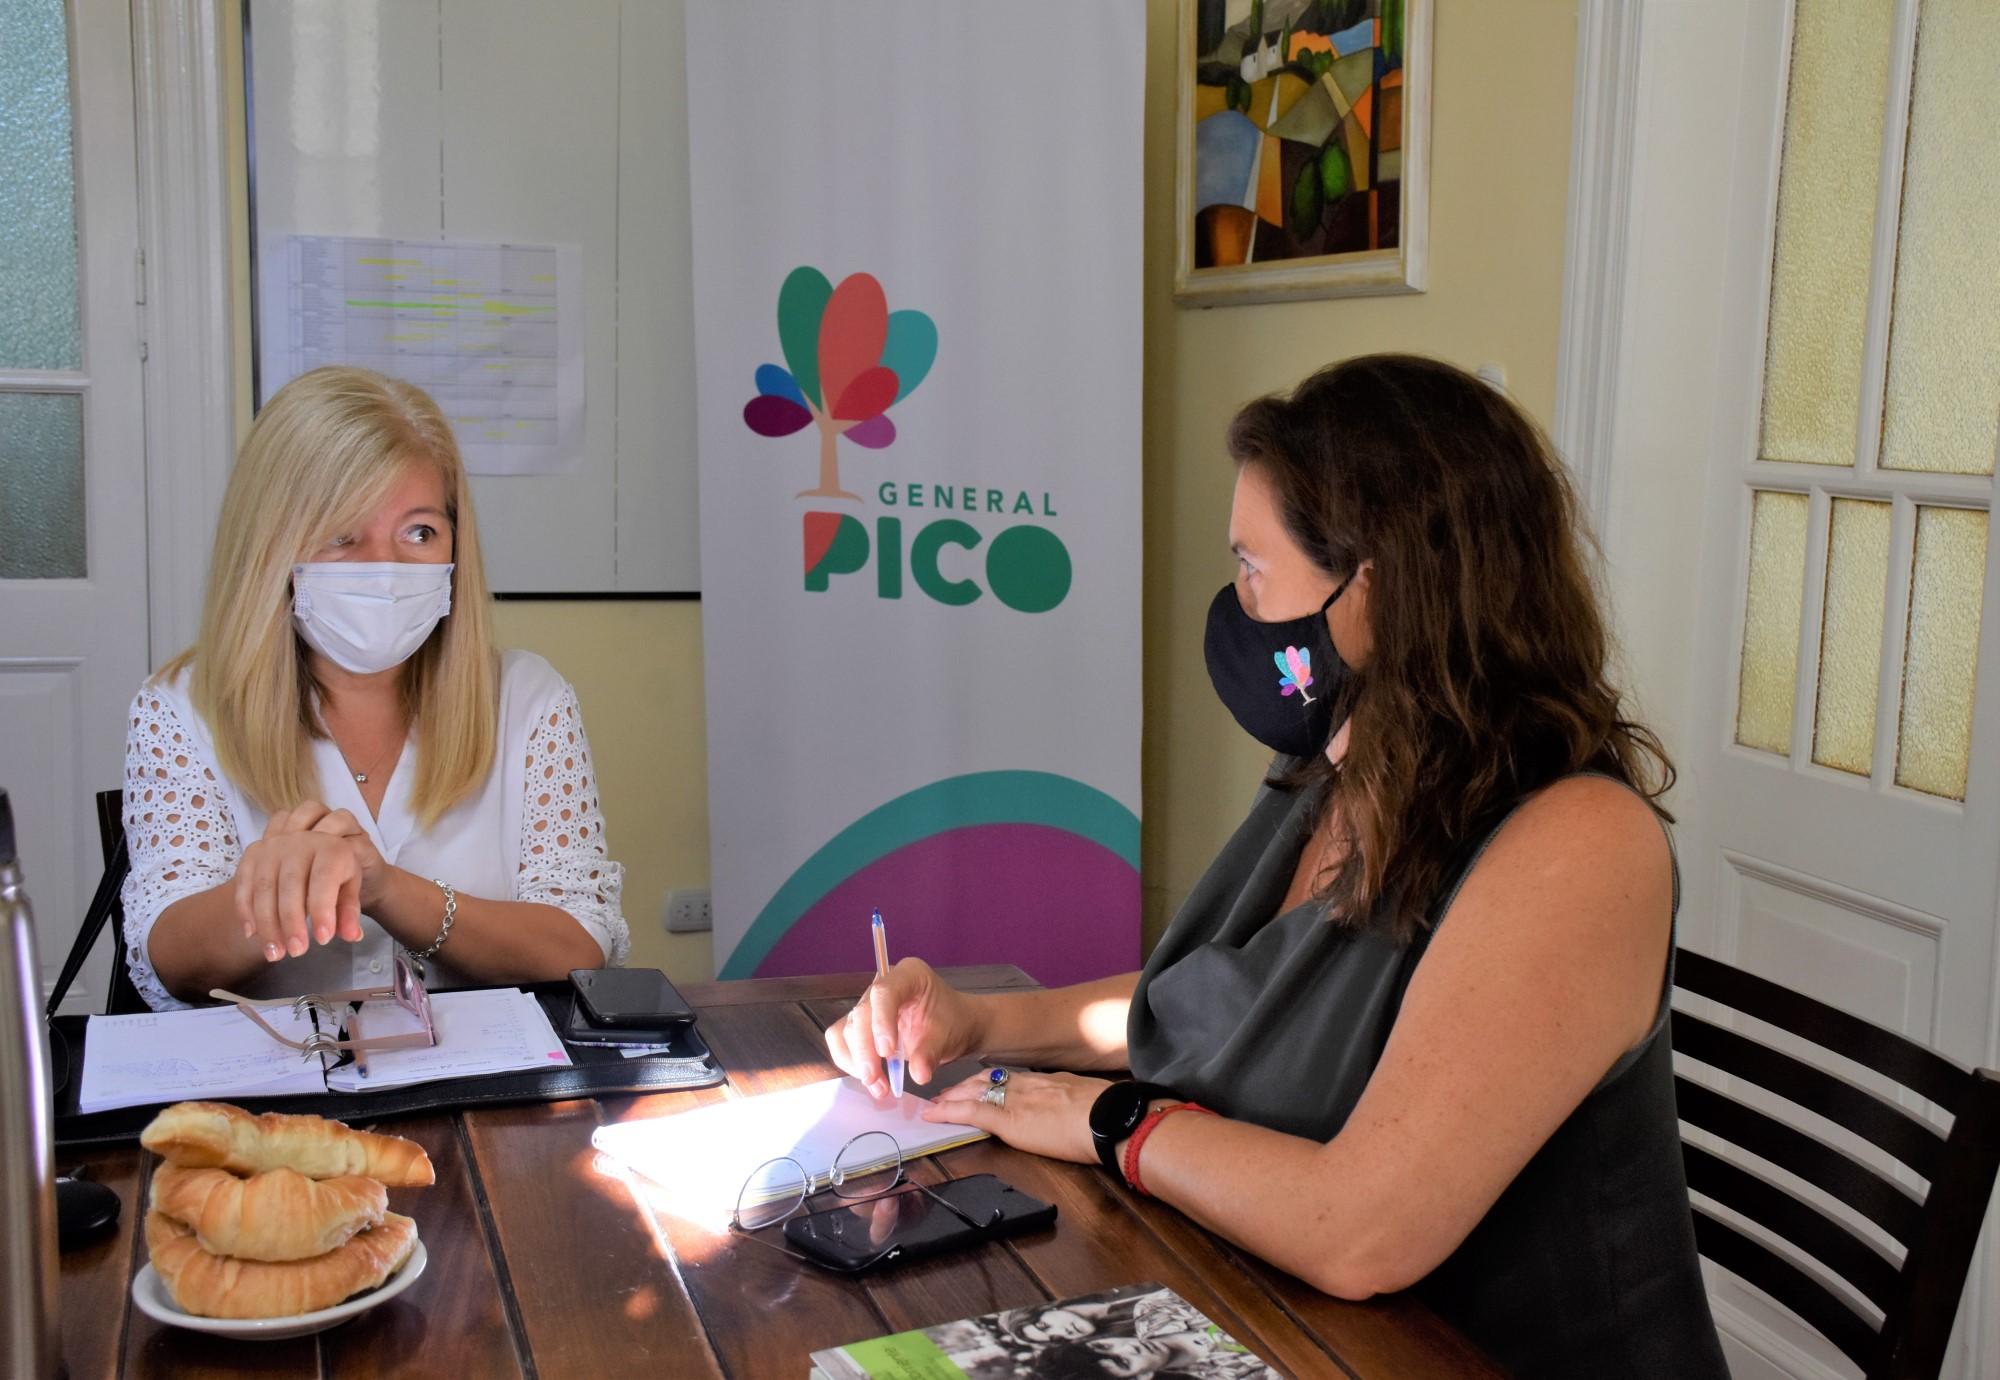 La intendenta Fernanda Alonso se reunió con la subsecretaria de Economía Social